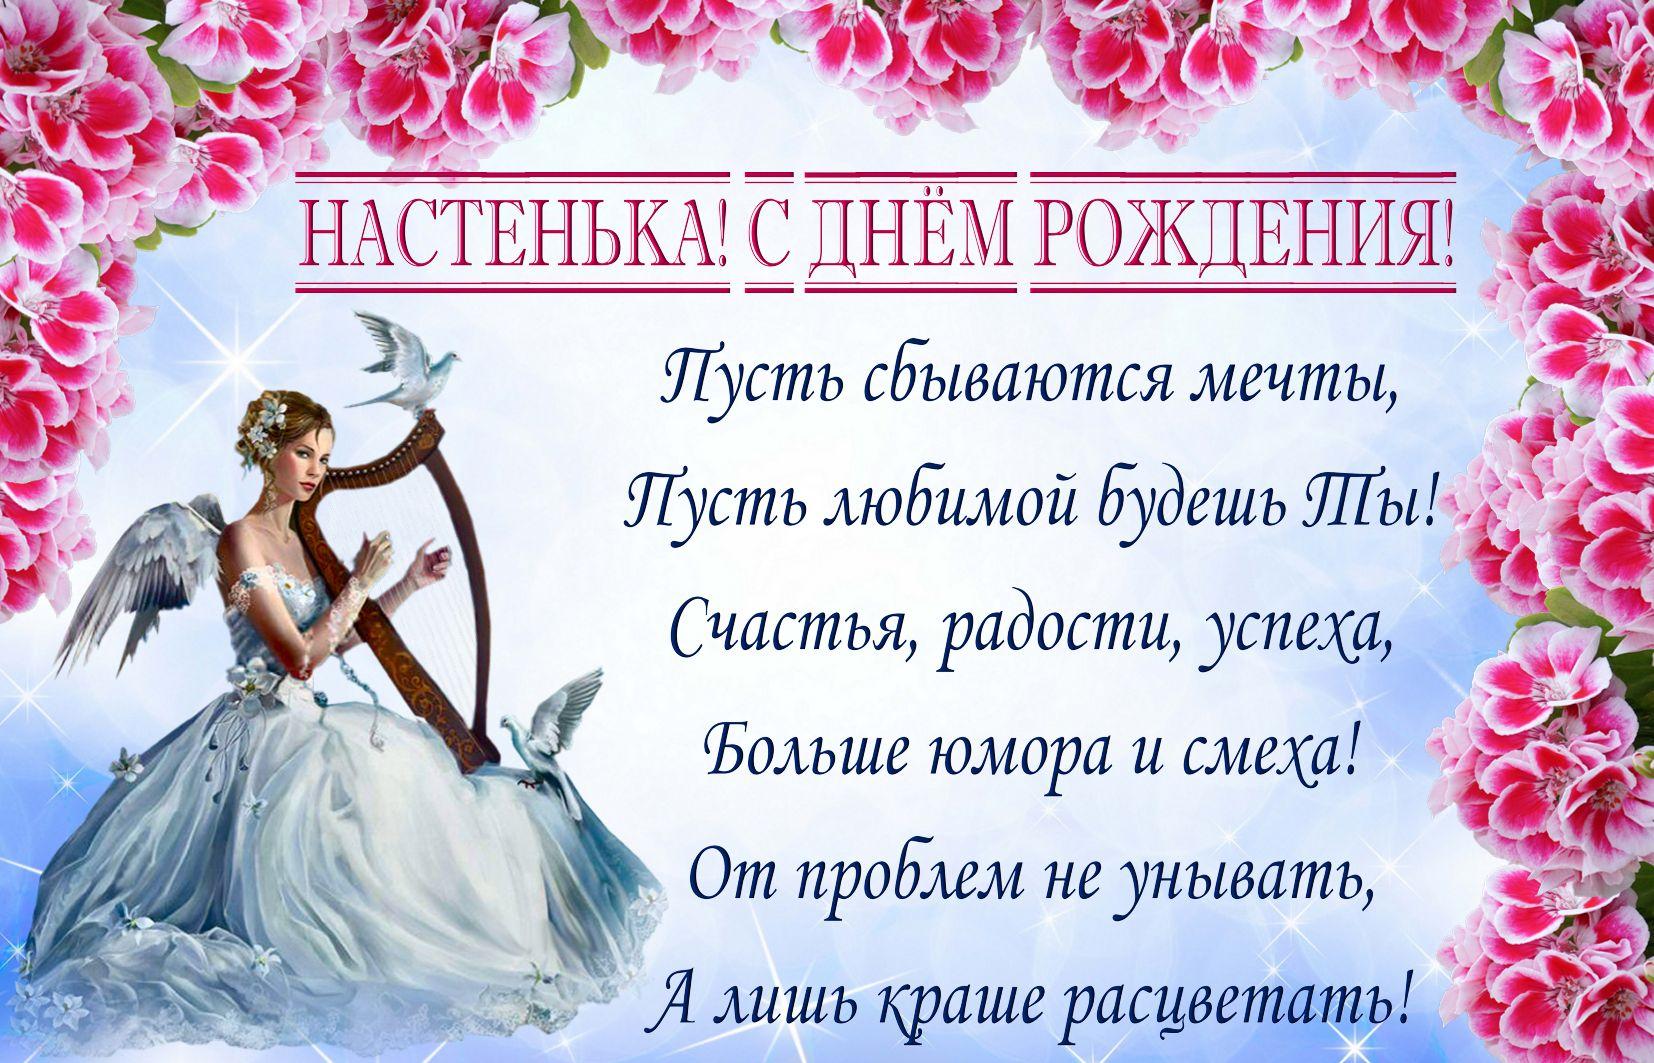 Открытка на день рождения Анастасии - ангел с лирой в рамке из цветов